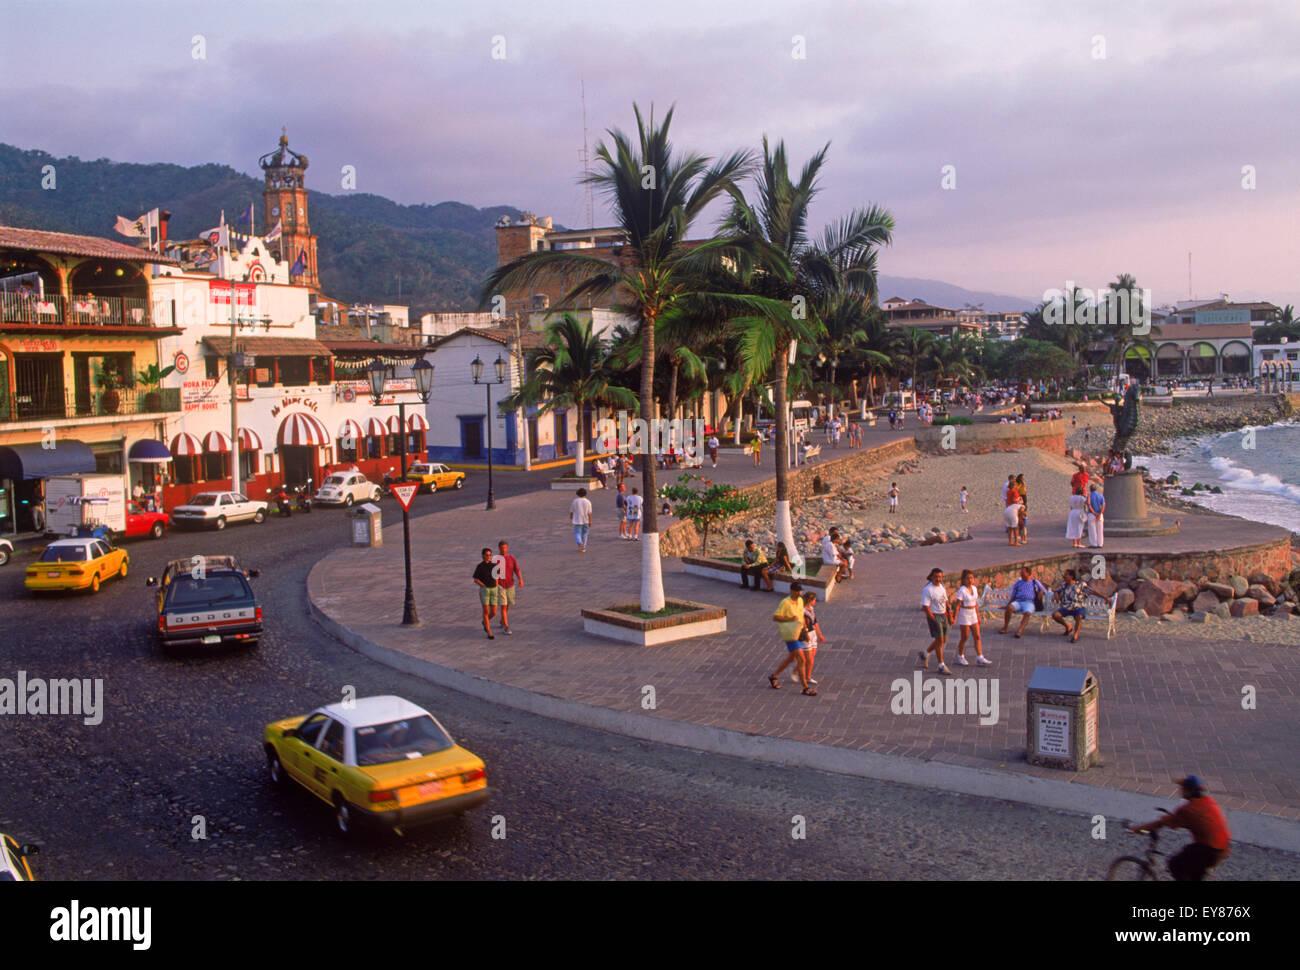 Guadalupe clocher de l'Église et le long du trottoir de la rue de route avant de plage à Puerto Vallarta, Mexique Banque D'Images